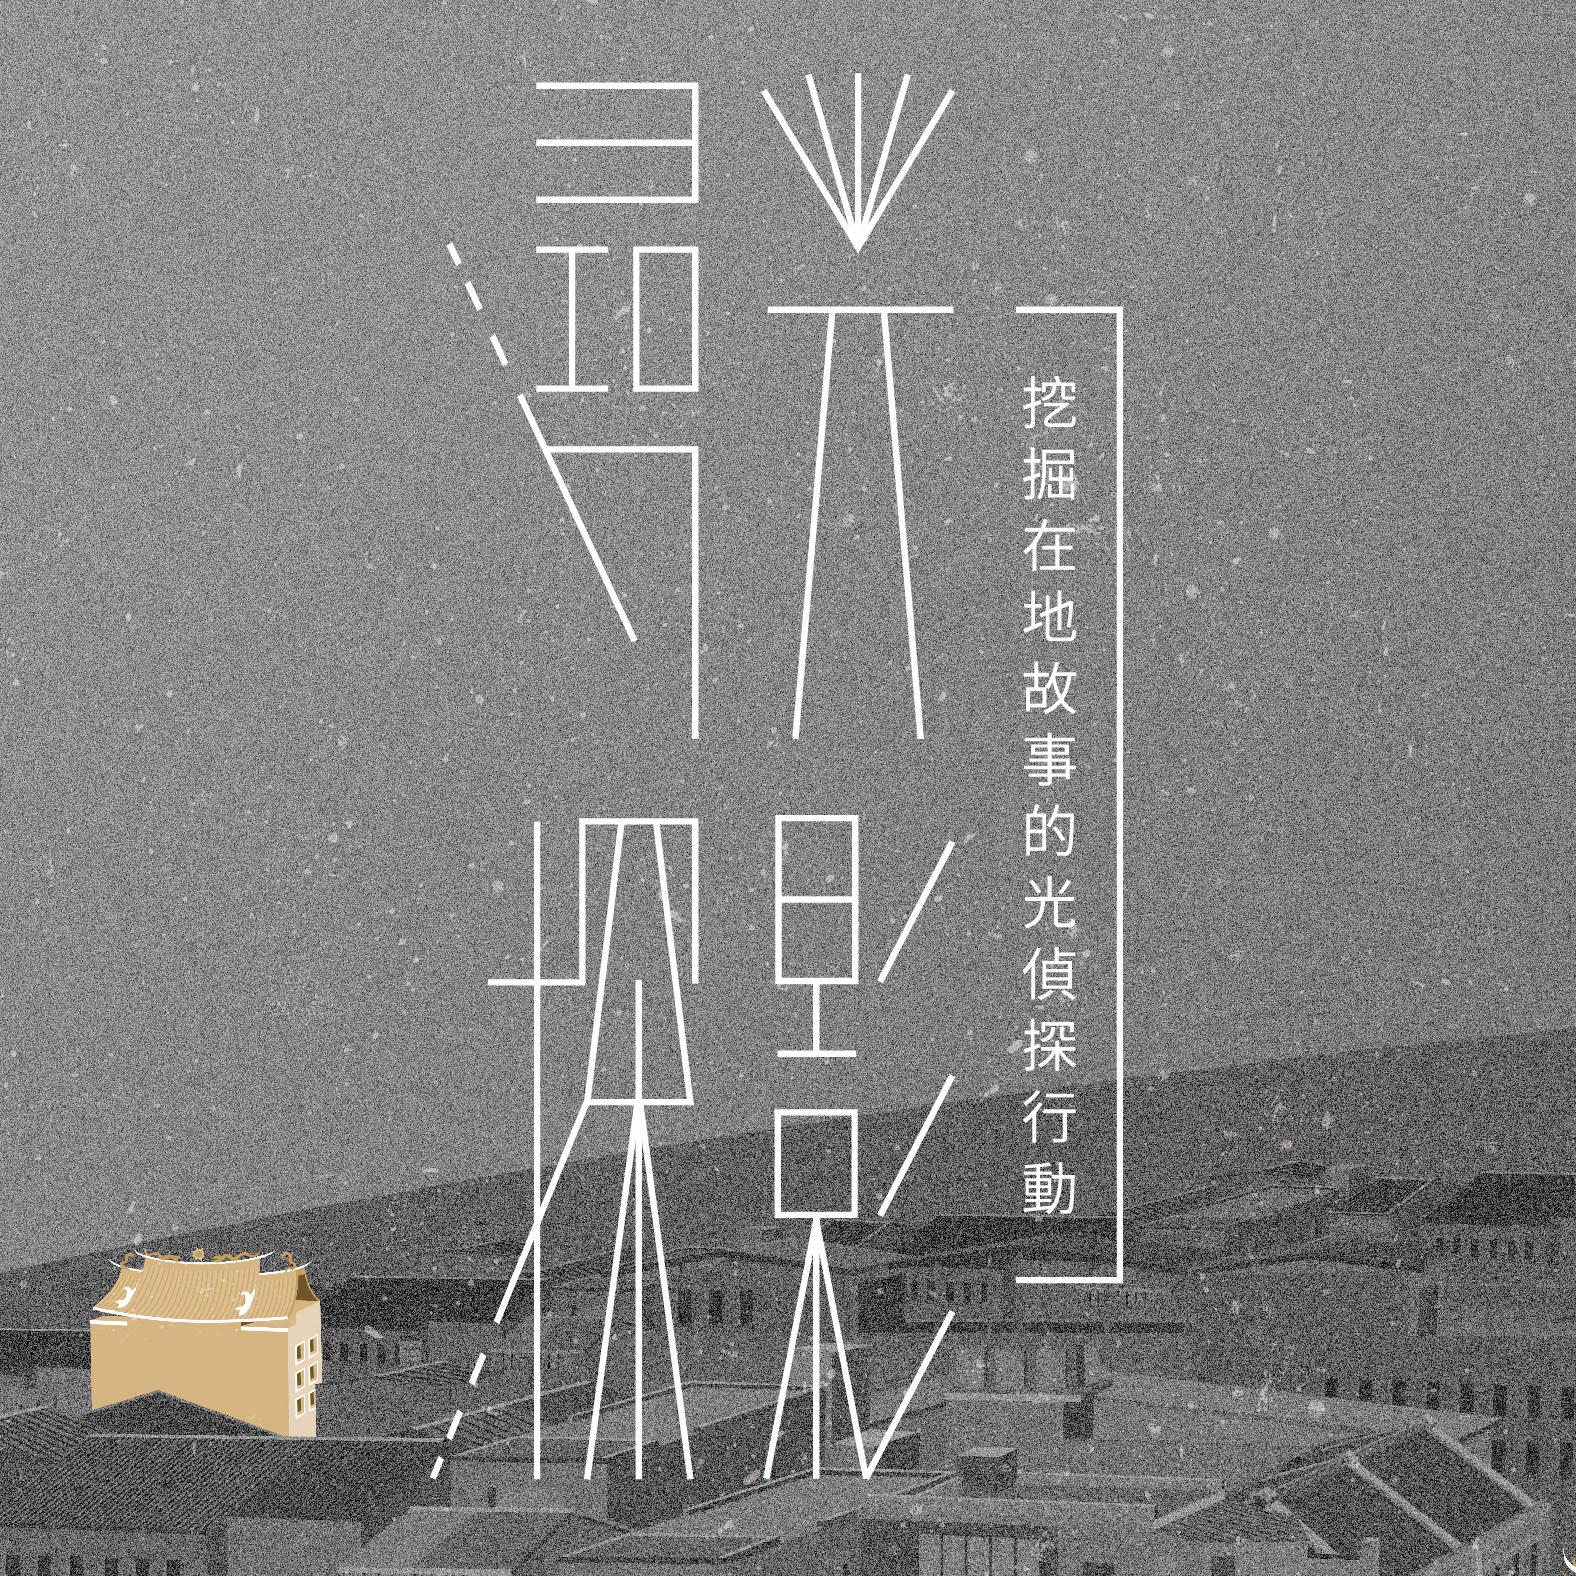 2018 尋光探影-台北大稻埕